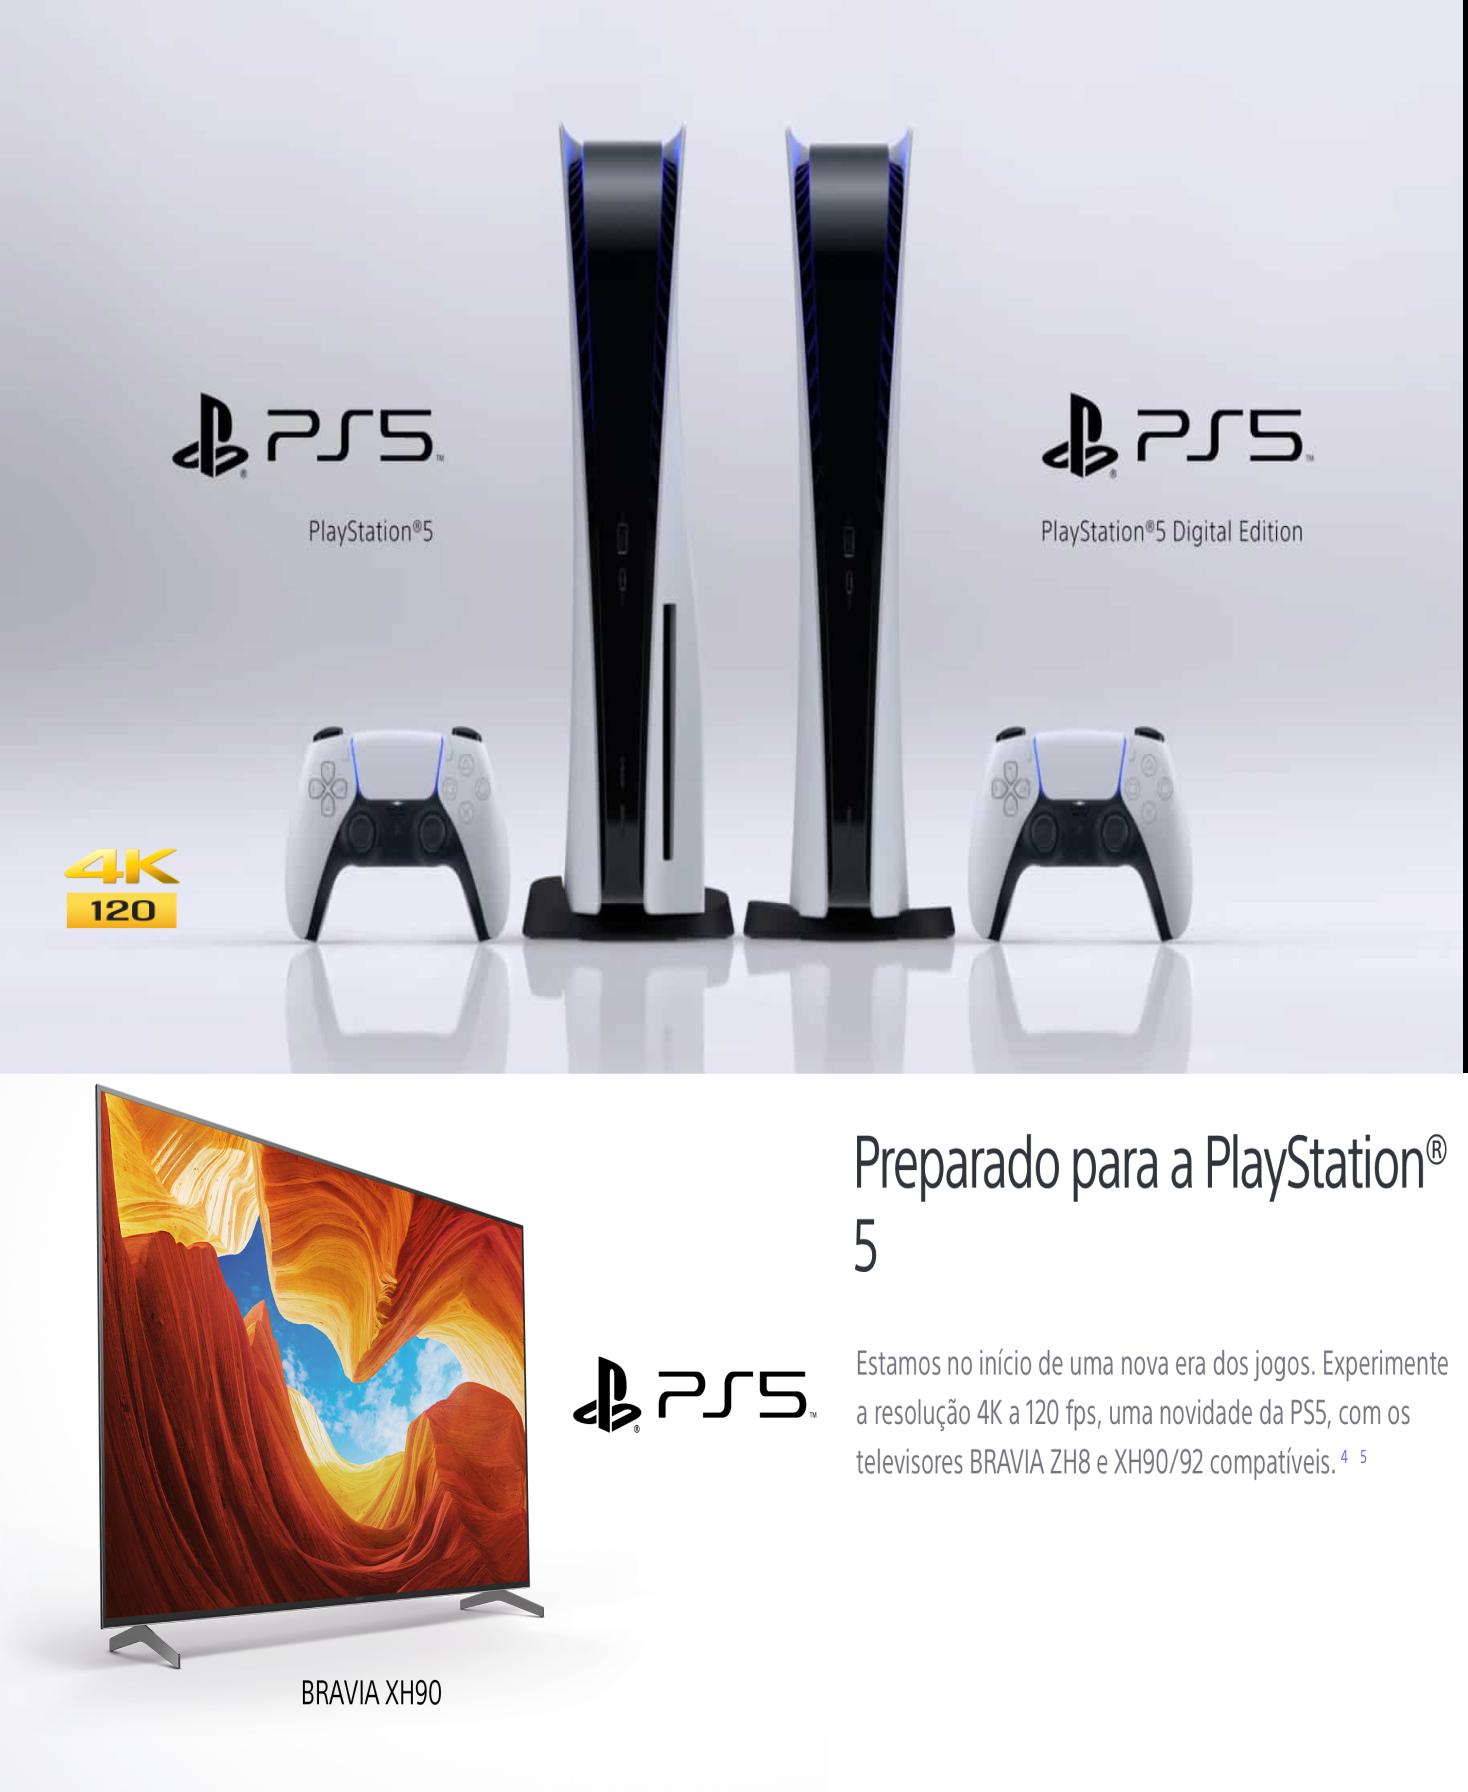 Preparado para a Playstation 5